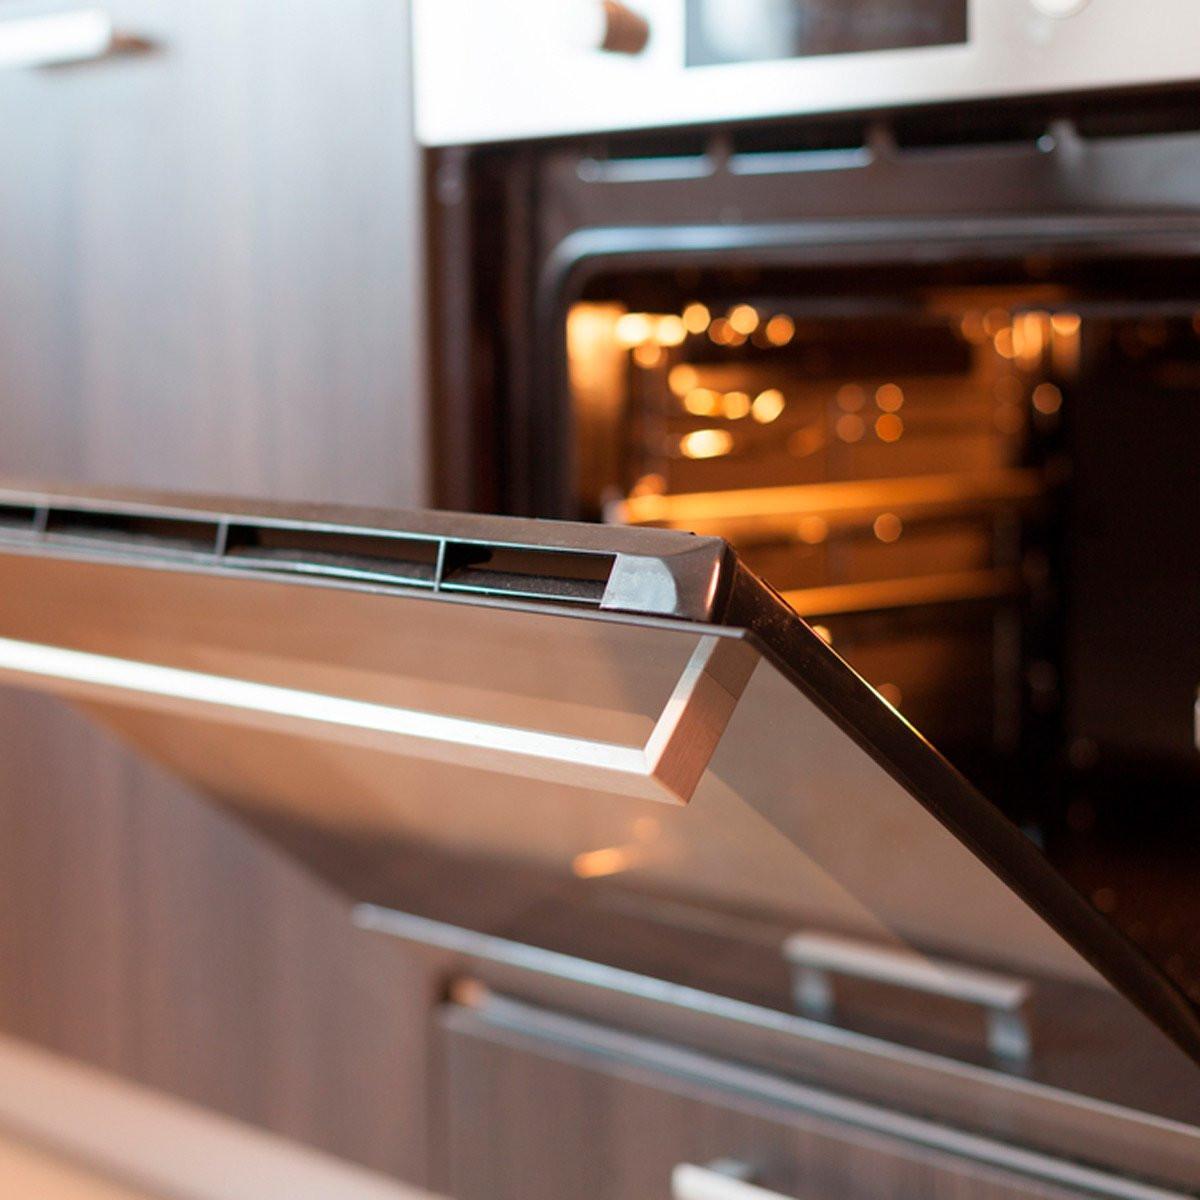 أفكار لتدفئة البيت - ترك باب الفرن مفتوحًا